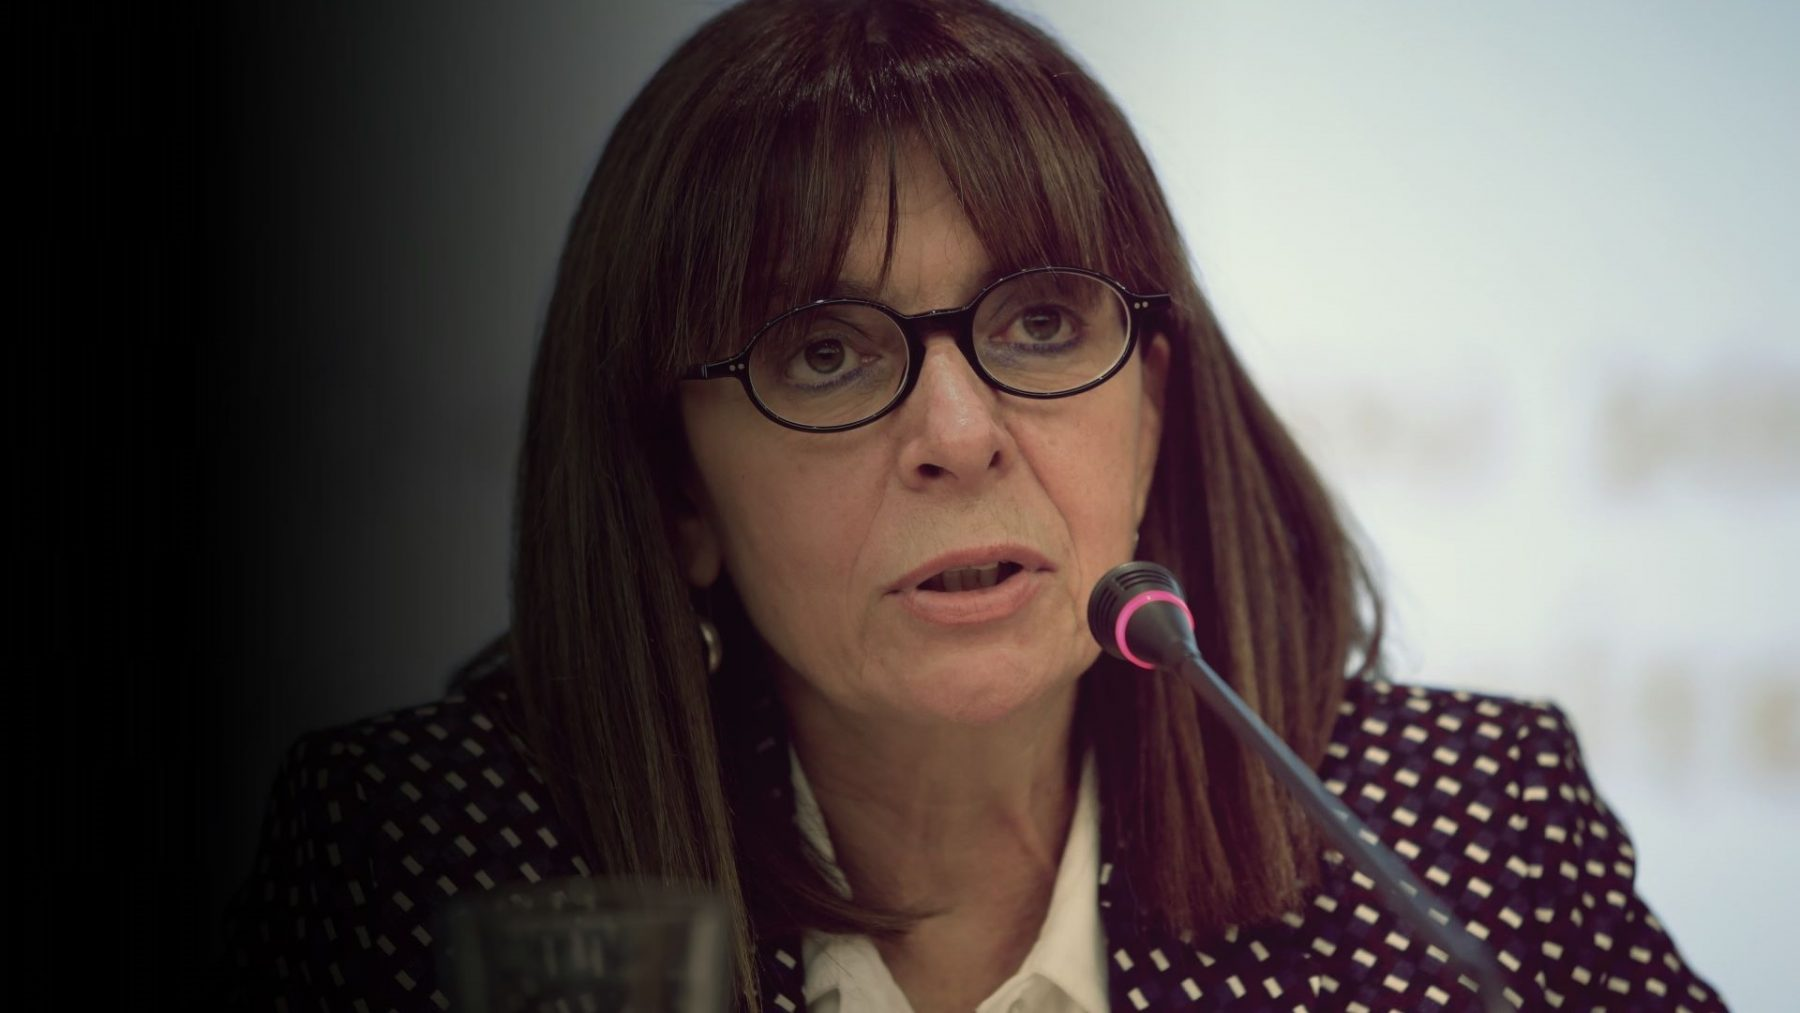 Σακελλαροπούλου: Τρικάκια υπέρ του Κουφοντίνα έξω από το σπίτι της